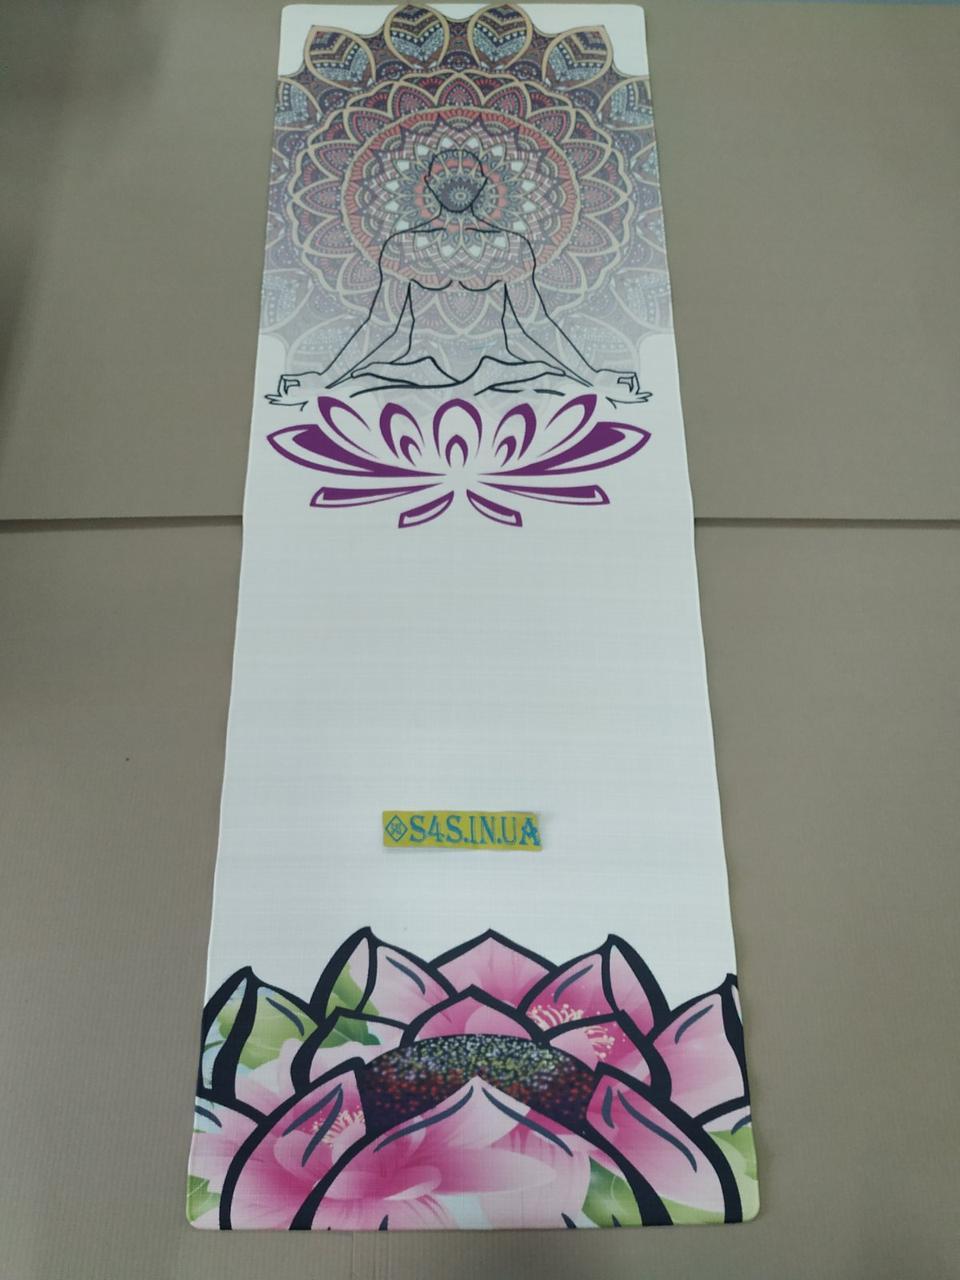 Коврик для йоги Джутовый (Yoga mat) двухслойный 3мм Record FI-7156-3, бежевый, с принтом Спокойствие Лотоса